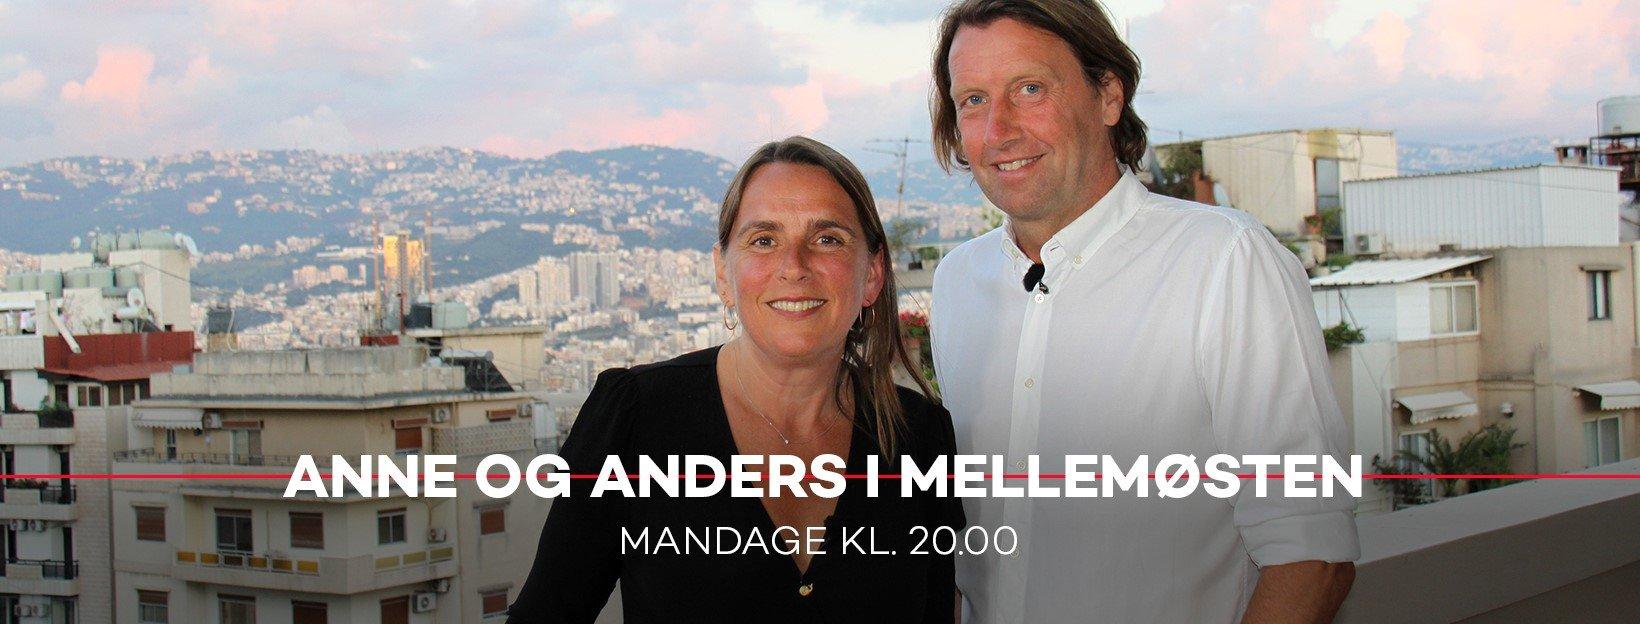 Anne og Anders i Mellemøsten DR1 2019